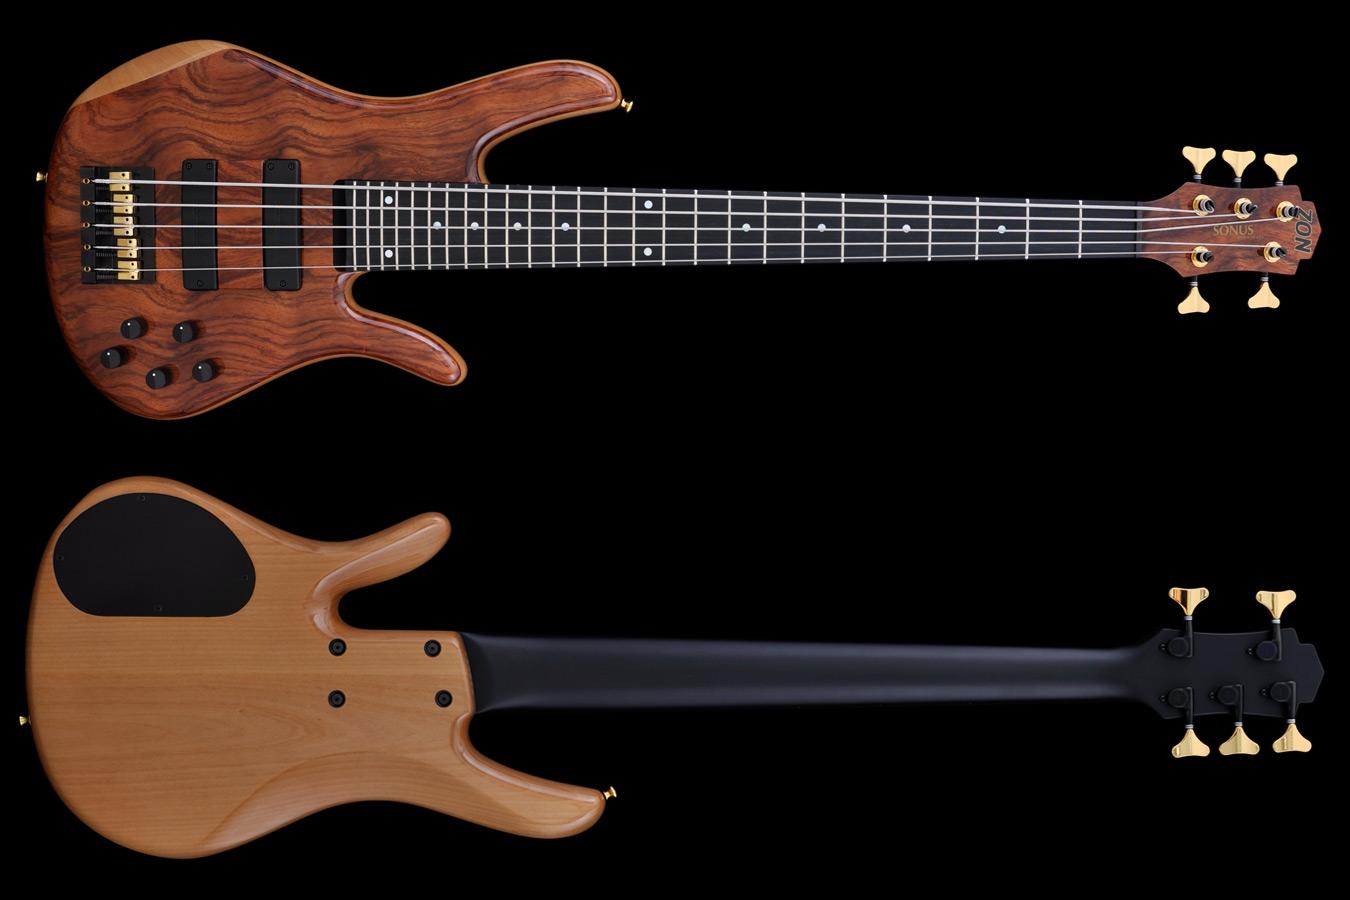 Zon Mosaic Mojo PJ Passive Review | Premier Guitar